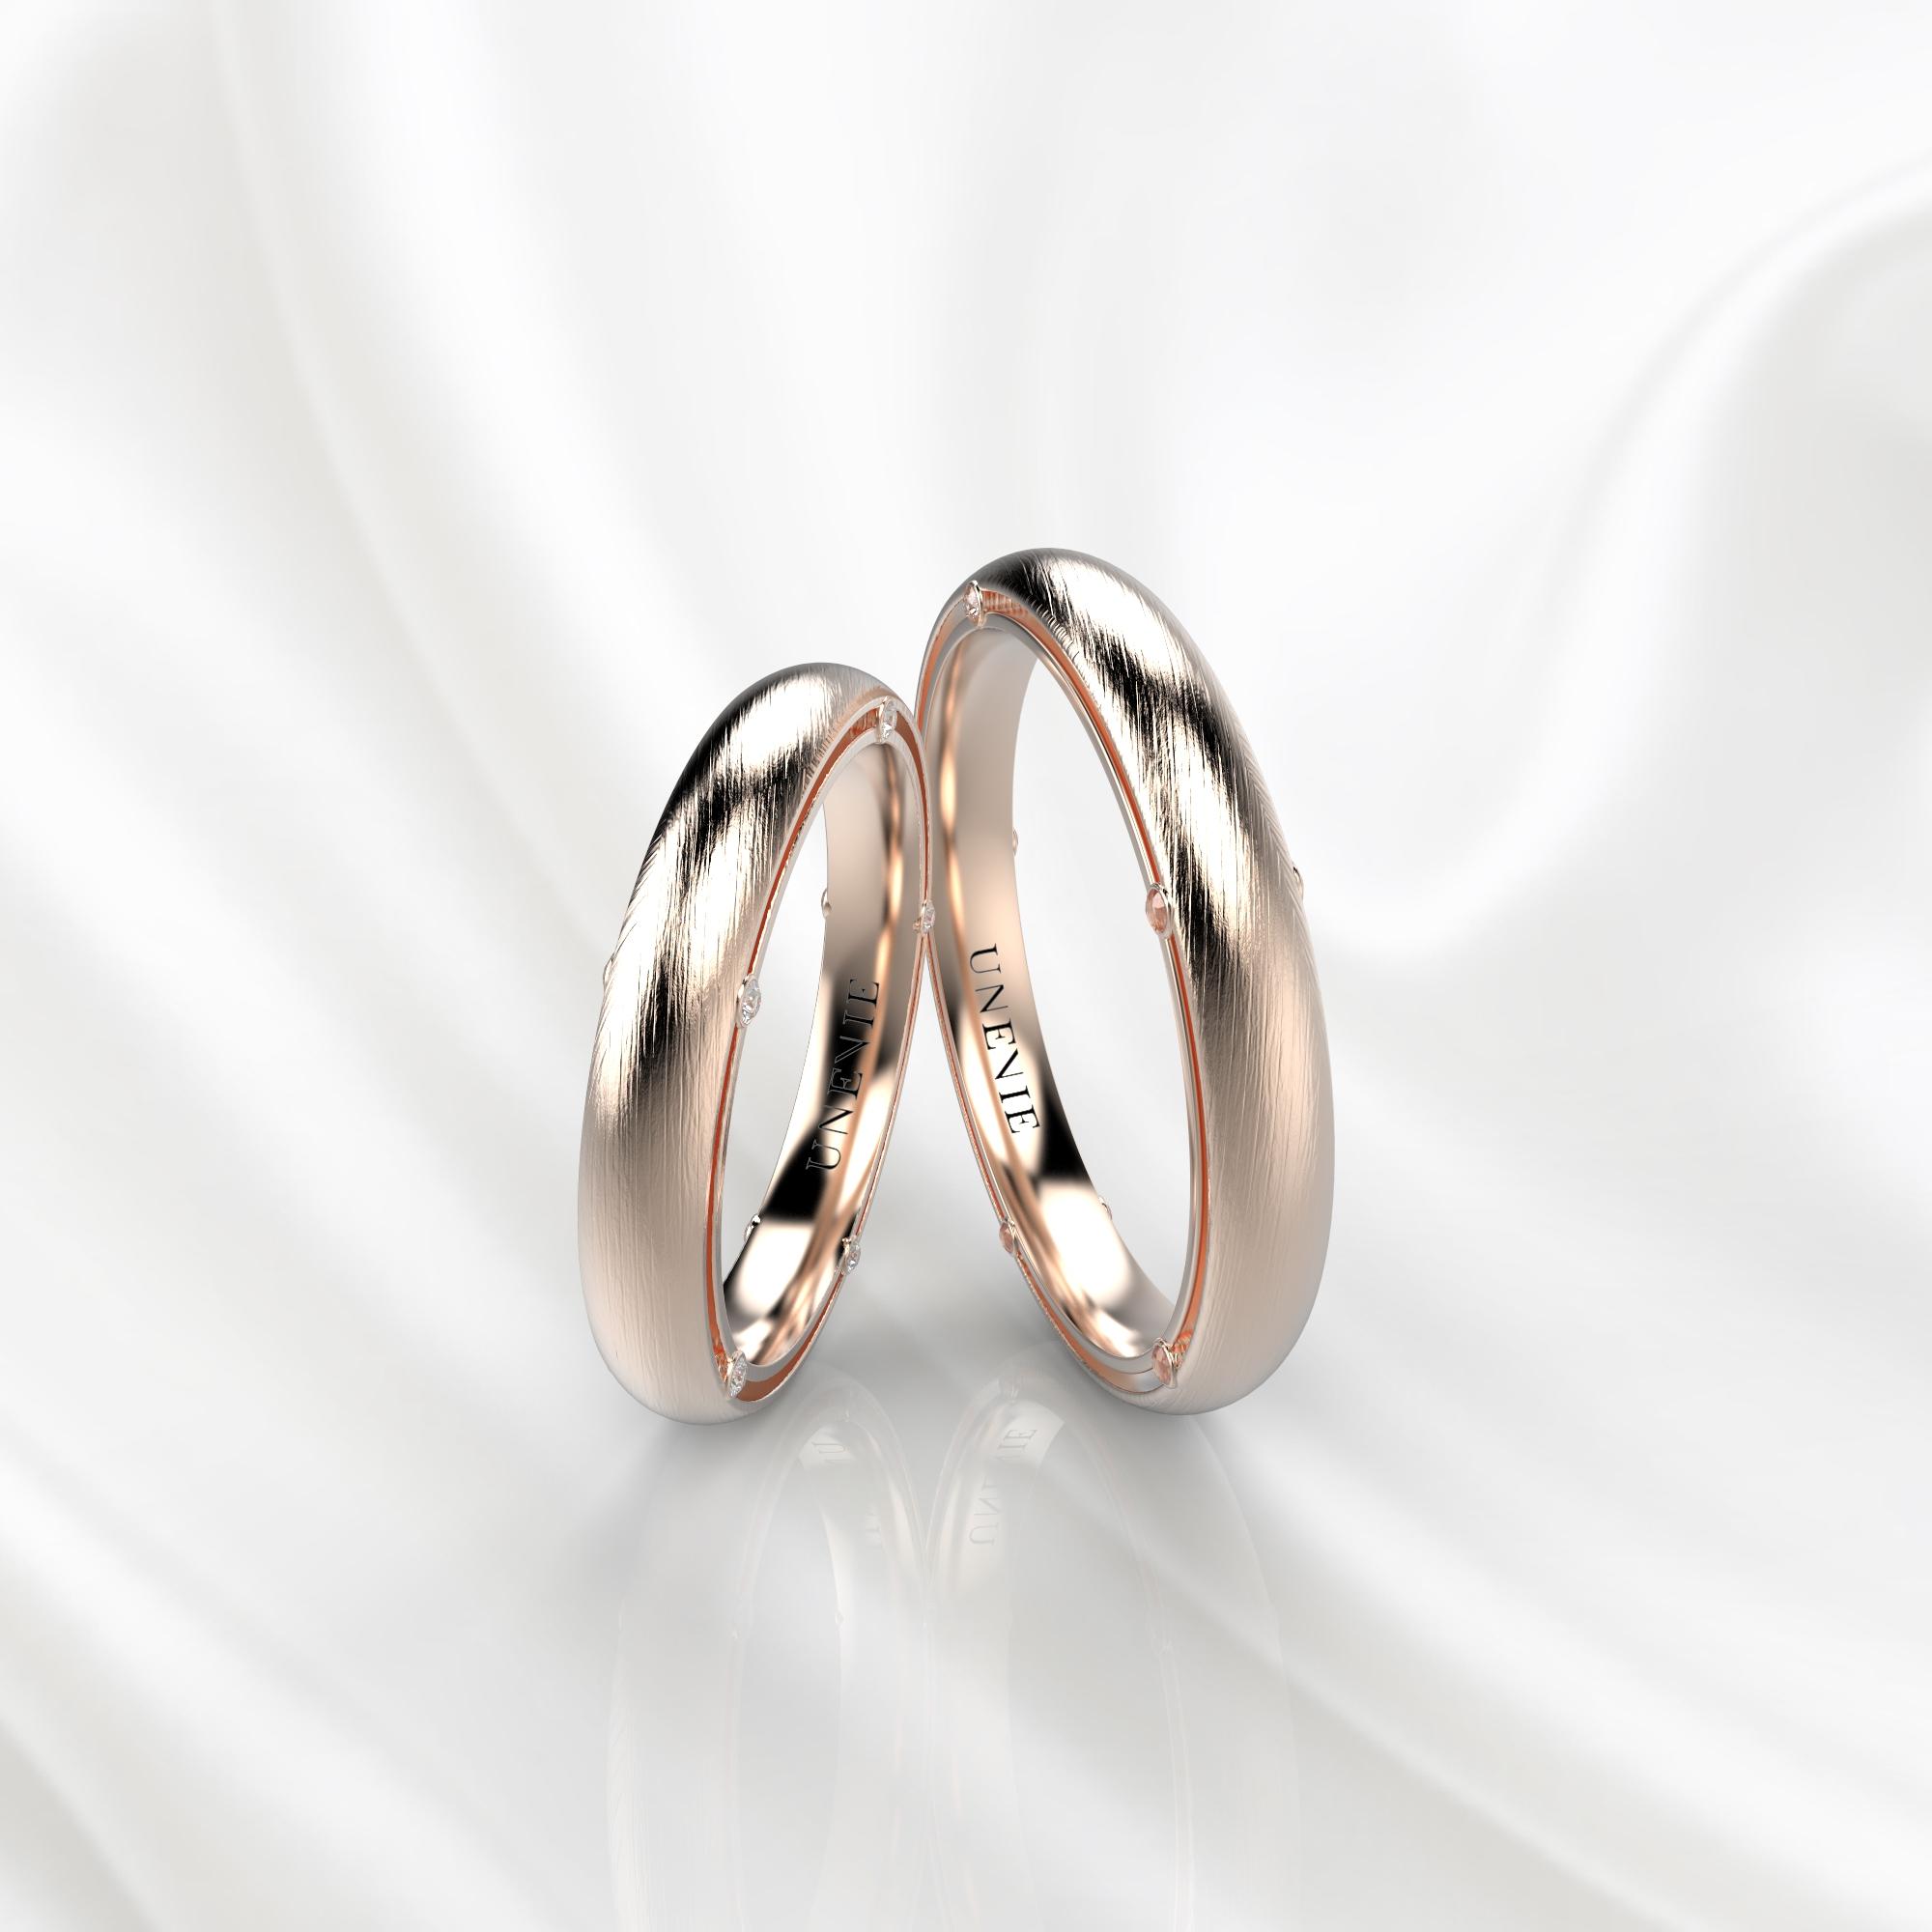 NV41 Обручальные кольца из розового золота с бриллиантами